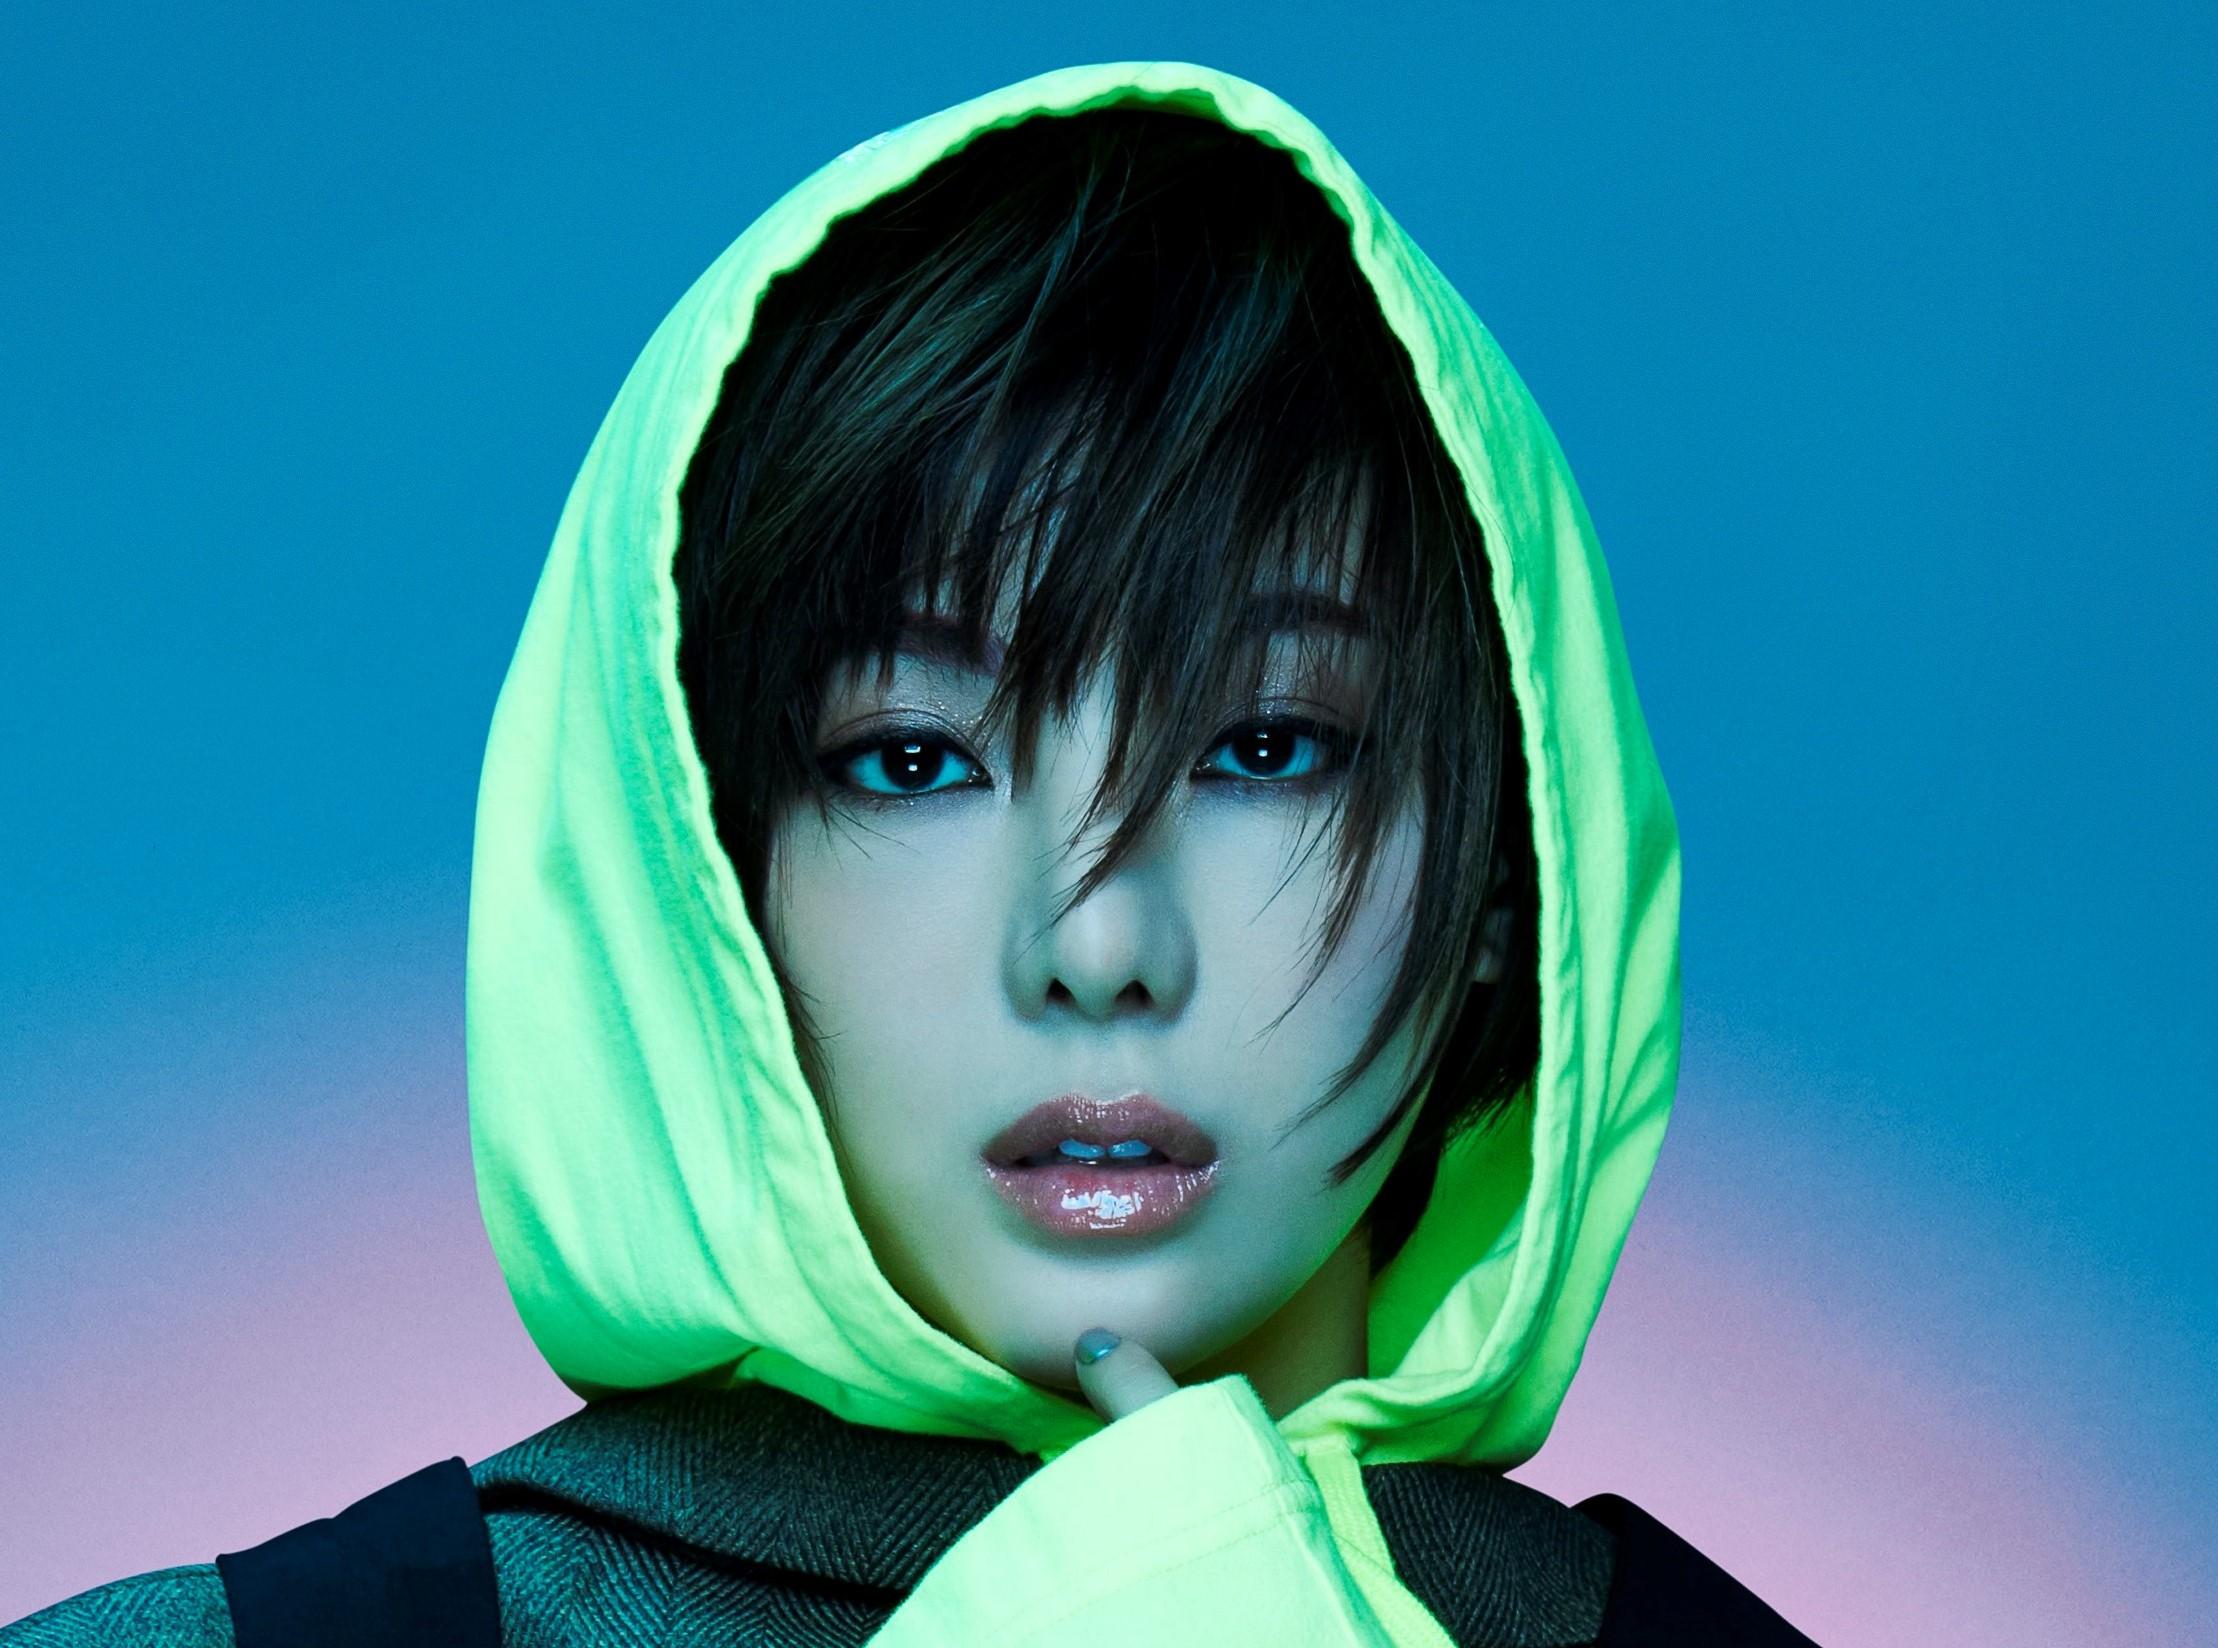 台湾出身の歌手Teresa(テレサ)のモデルばりの10頭身美女の正体とは